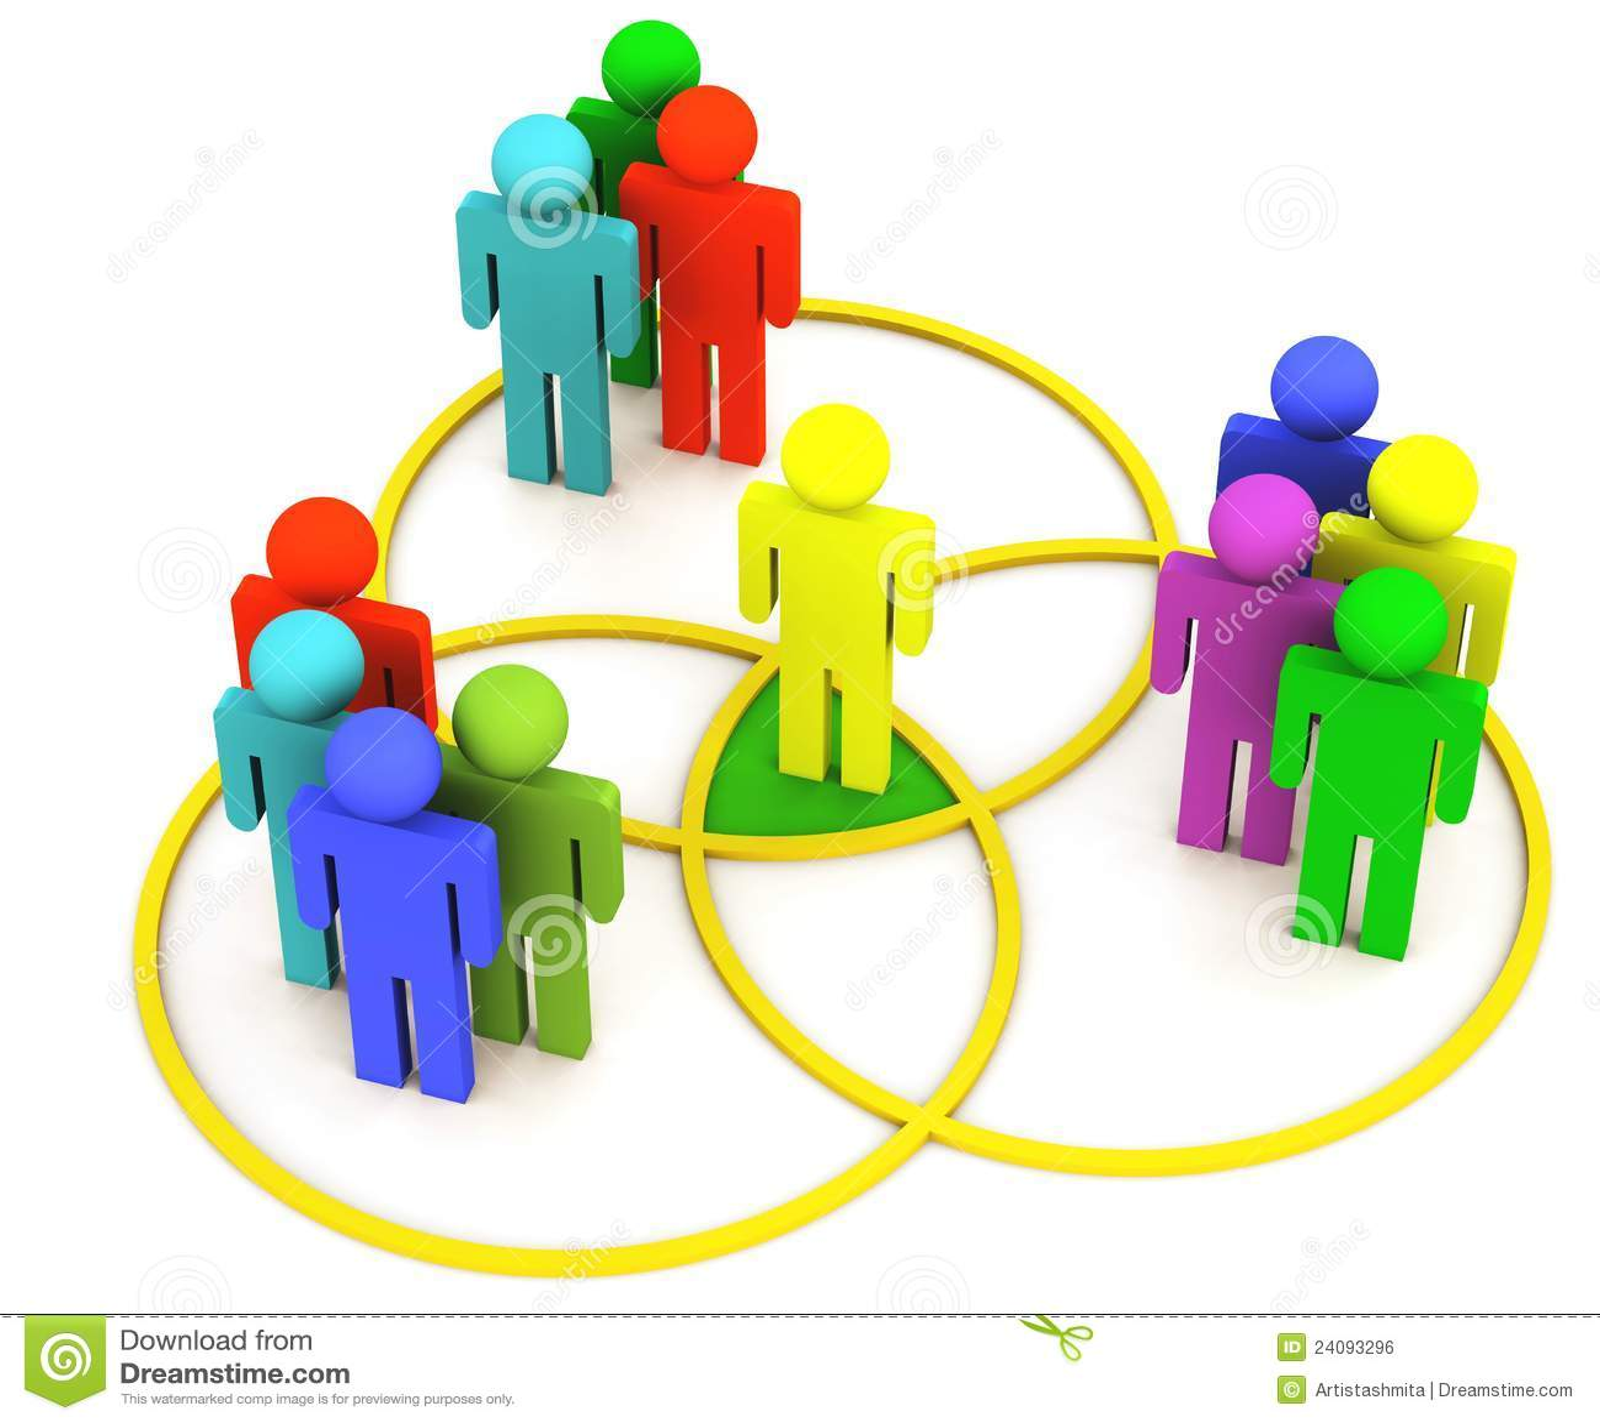 Overlappend venn diagram